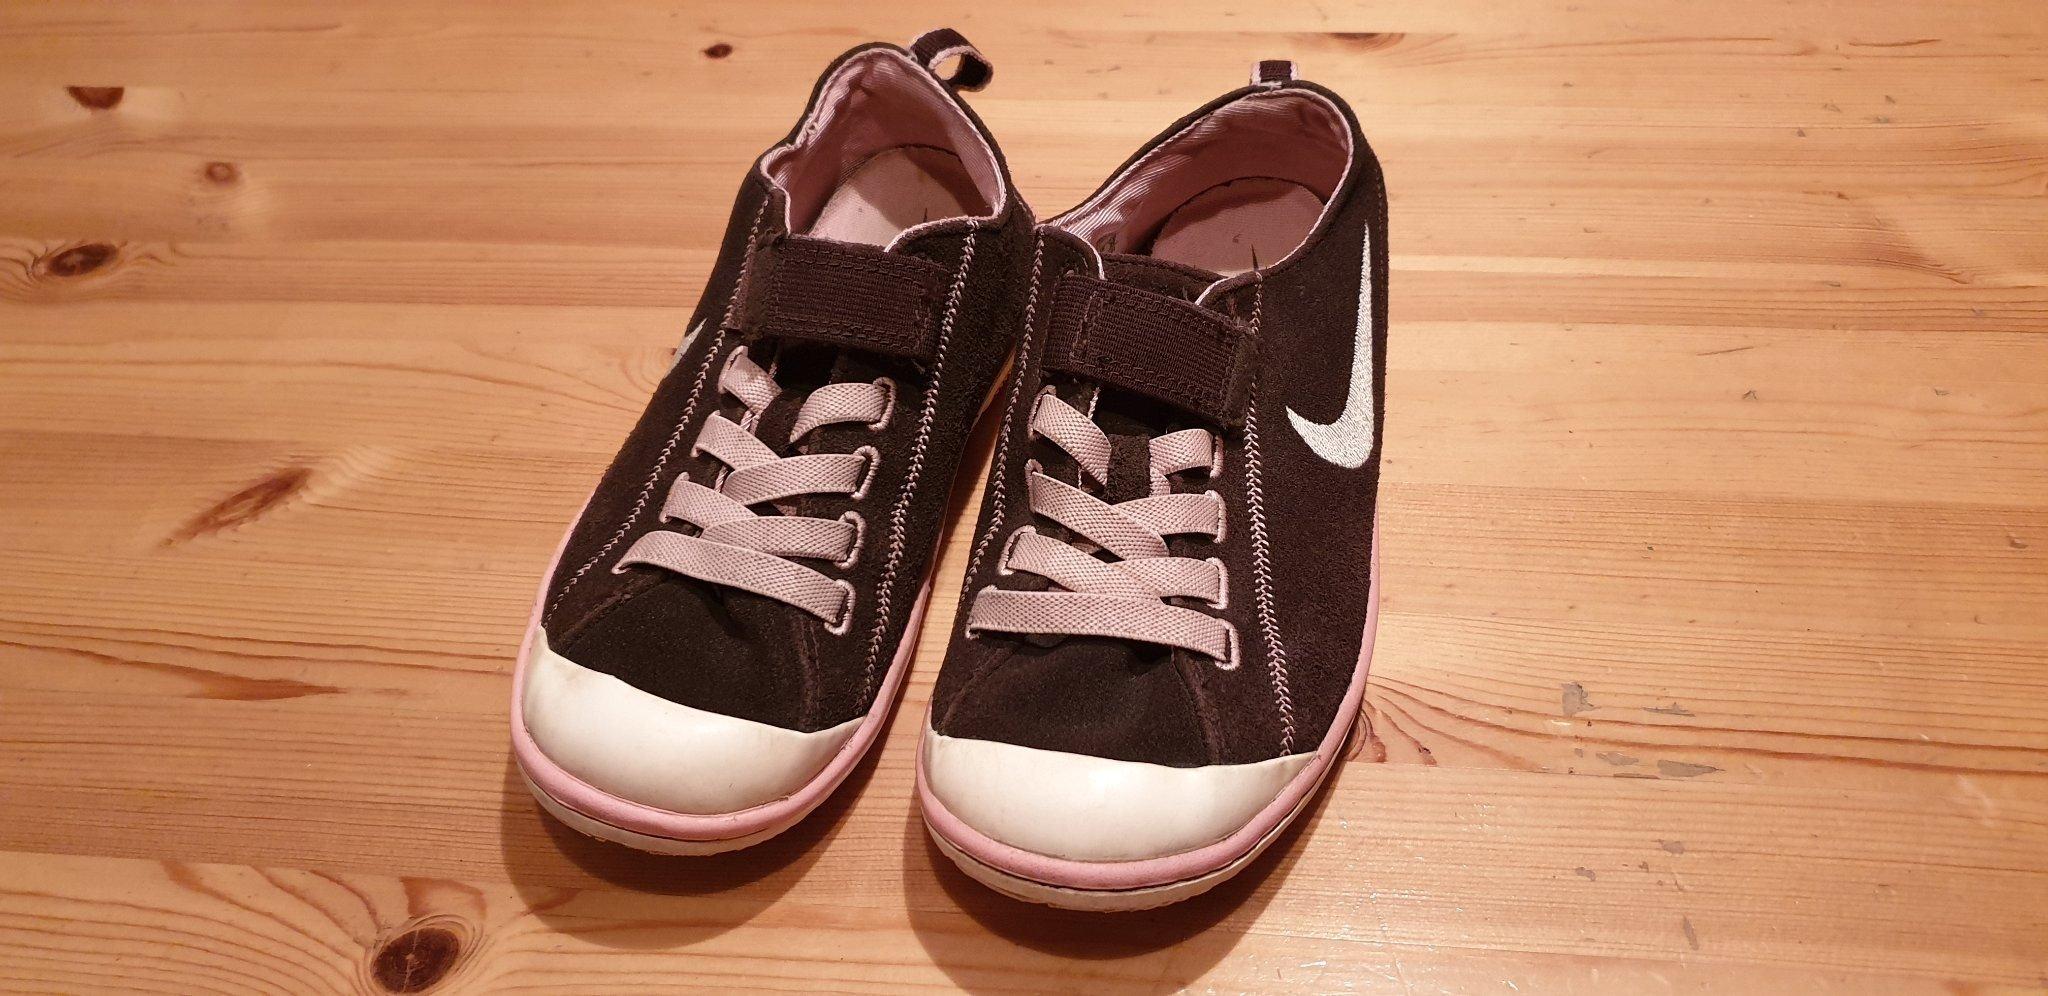 den bästa attityden väldigt billigt kvalitetsprodukter Bruna sneakers från Nike, storlek 35 (347487023) ᐈ Köp på Tradera